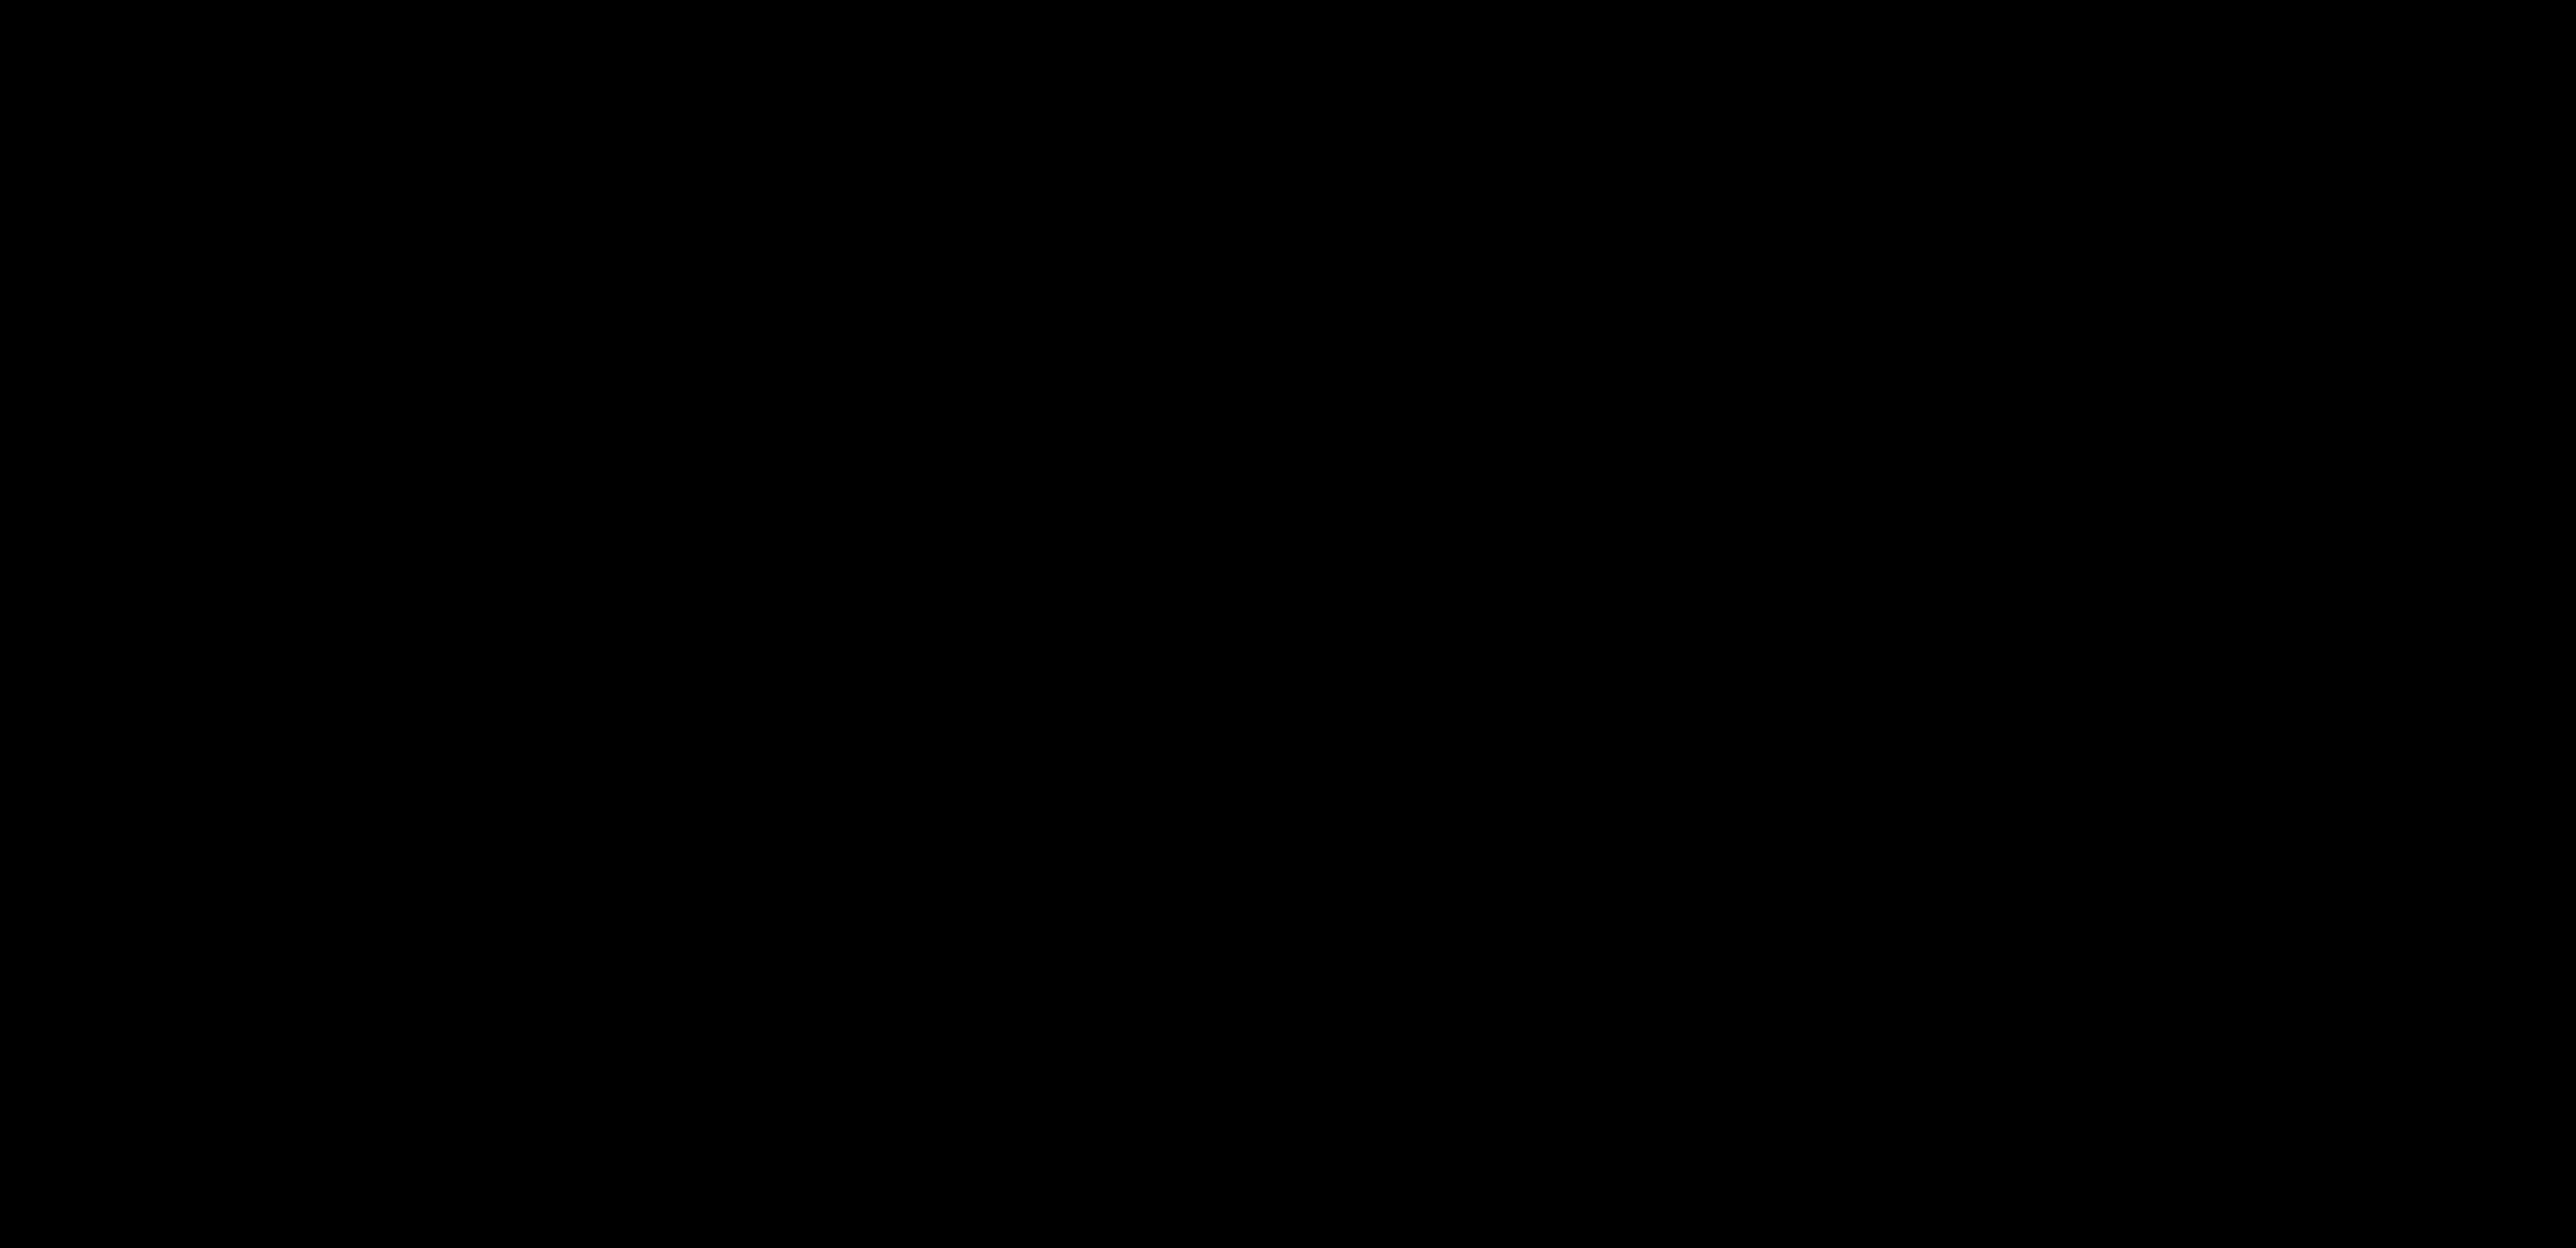 Definizione di superficie coperta casamia idea di immagine for 12x12 piani di coperta autoportanti